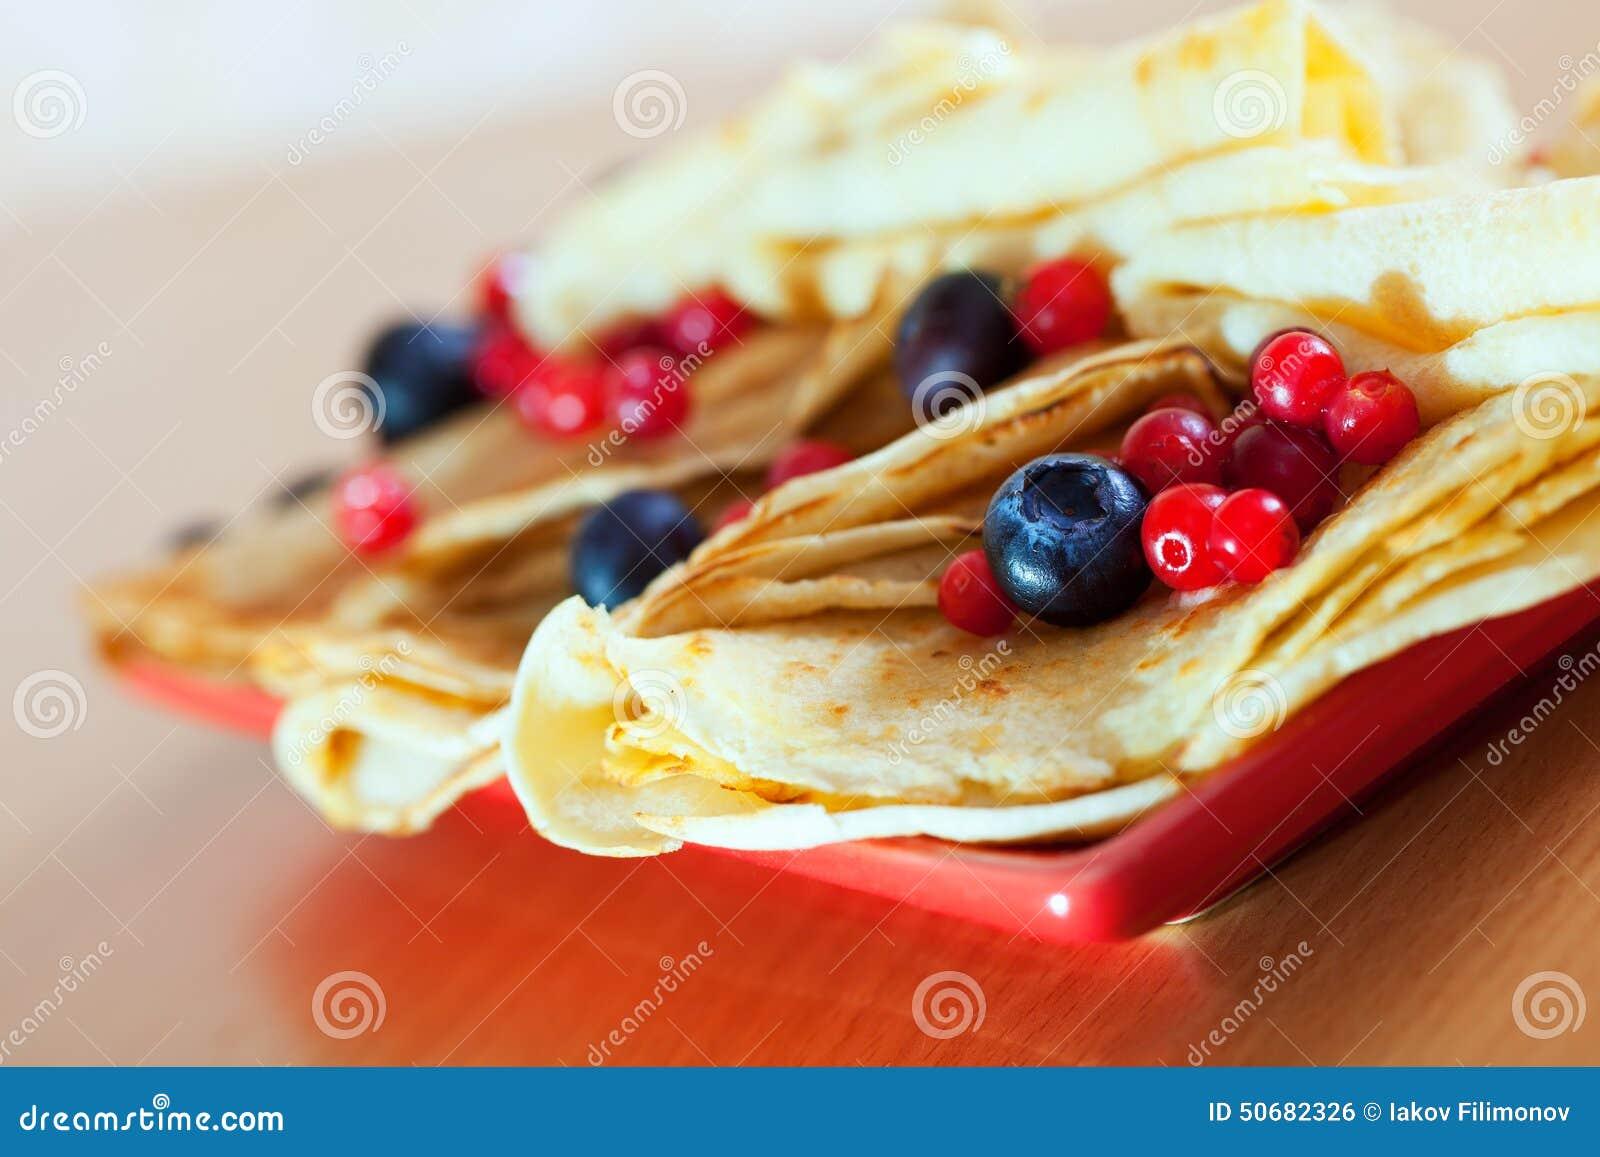 Download 在板材的薄煎饼用蔓越桔和蓝莓 库存照片. 图片 包括有 苹果酱, 蛋糕, 俄国, 食物, 快餐, 牌照, 口味 - 50682326